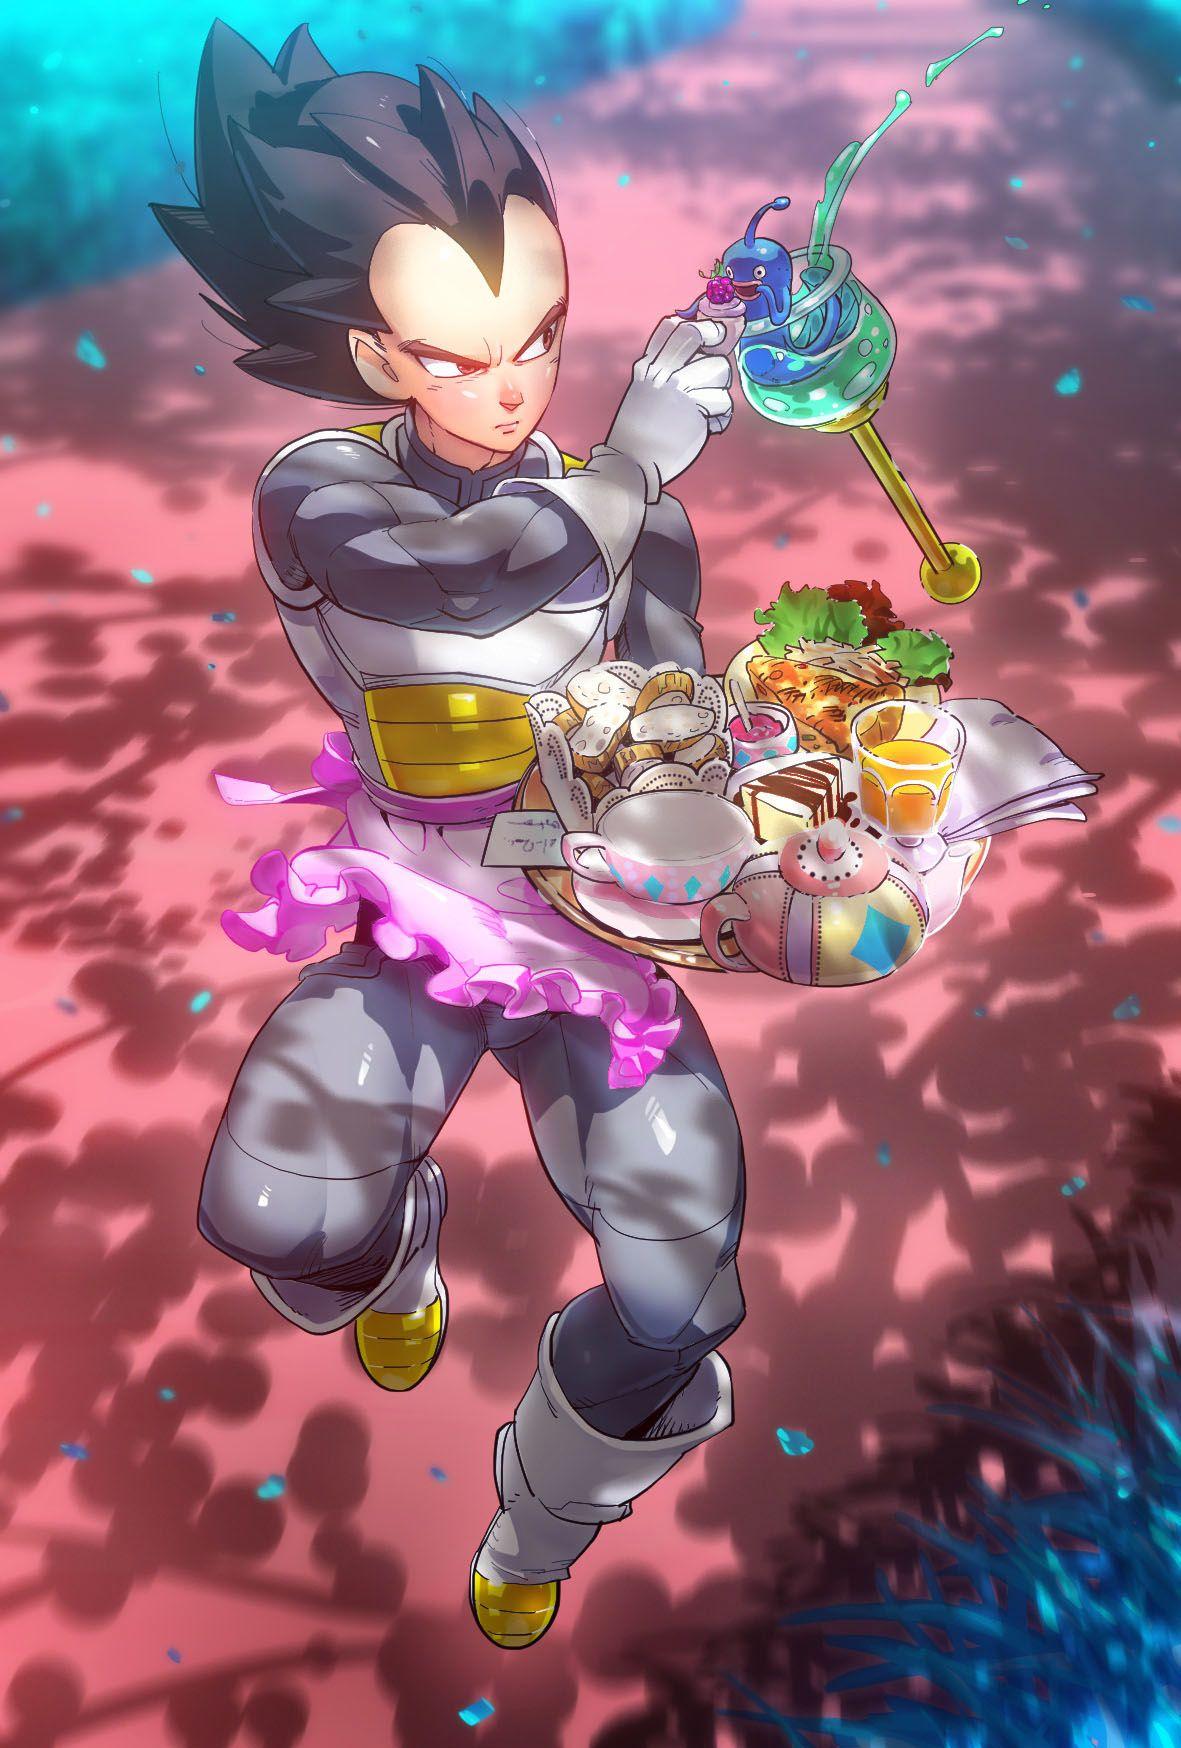 dragon ball super おしゃれまとめの人気アイデア pinterest anais mark ドラゴンボールz ドラゴンボール ドラゴンボール イラスト